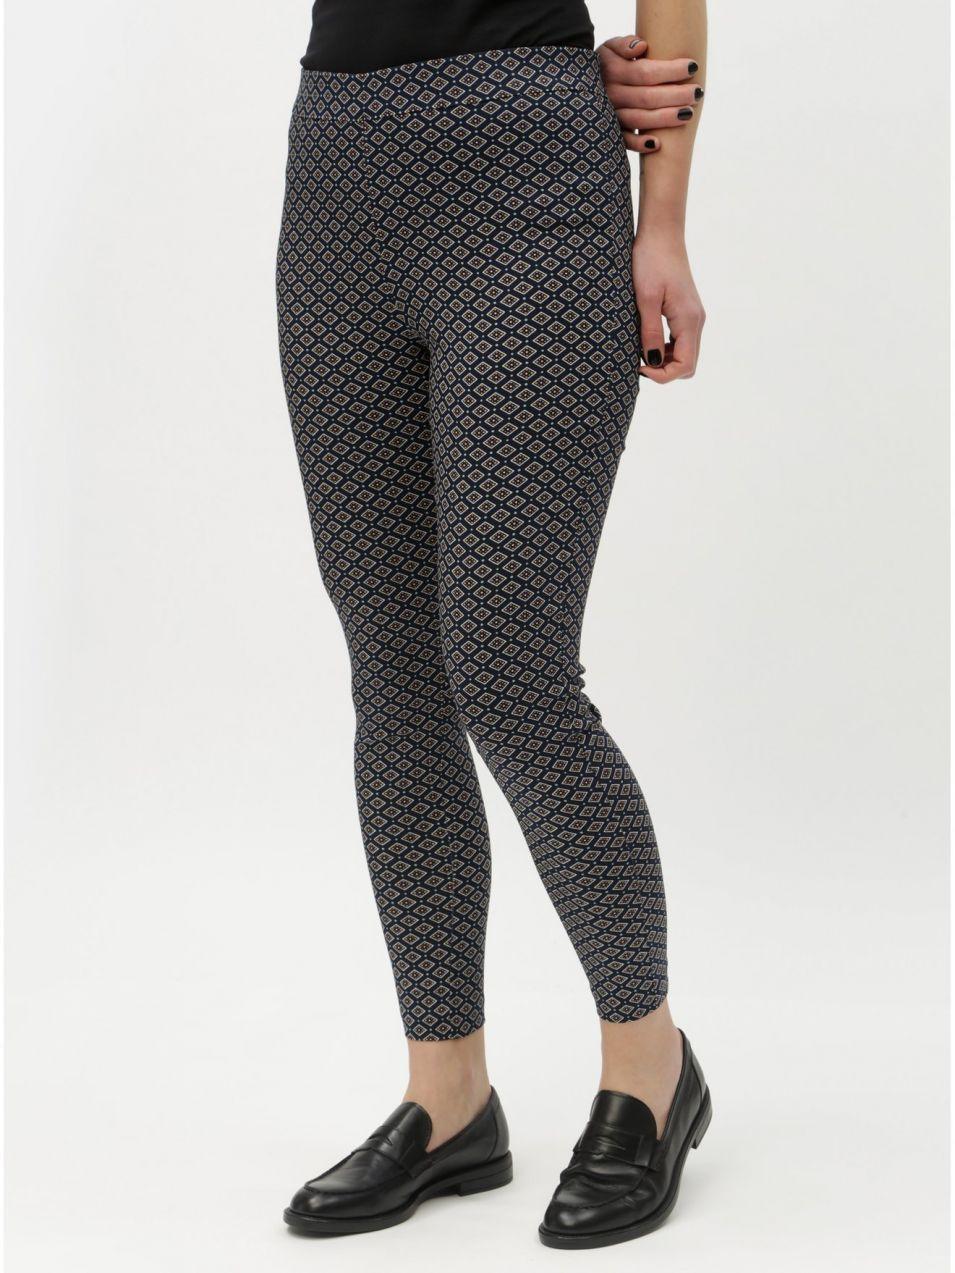 5c7d1e760b0c Tmavomodré vzorované skrátené skinny nohavice s vysokým pásom Dorothy  Perkins